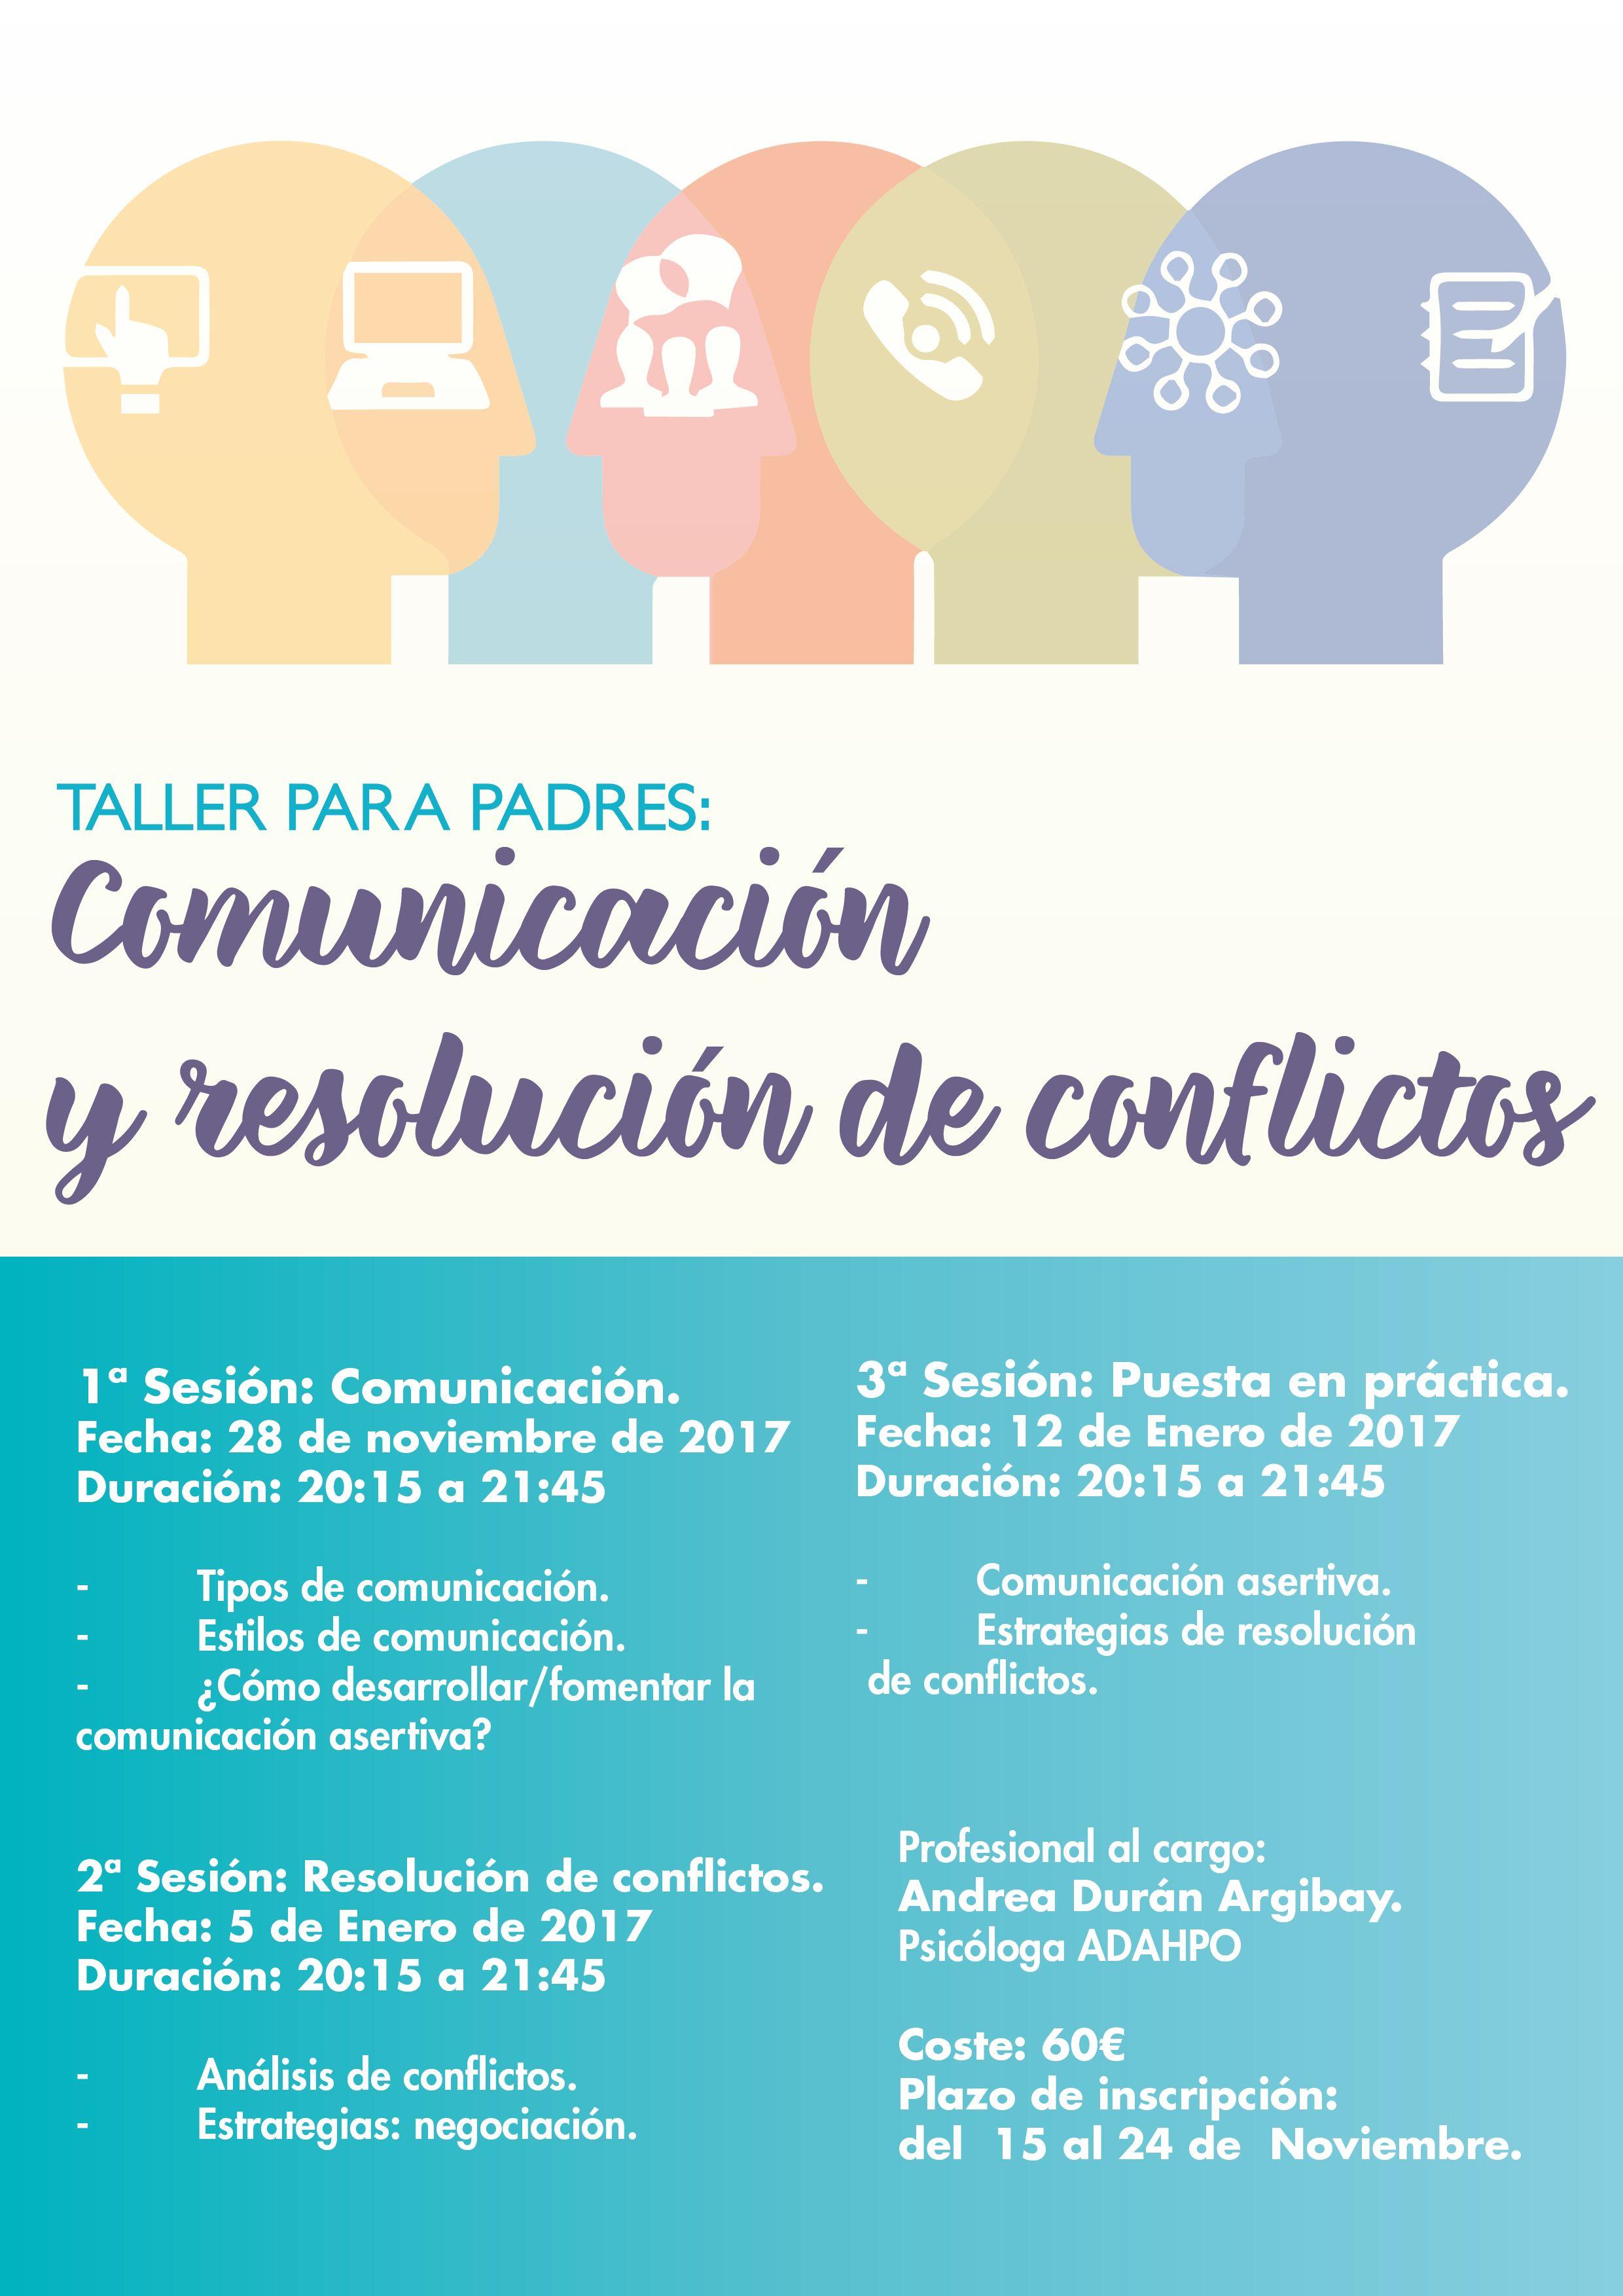 taller comunicación y resolución de conflictos